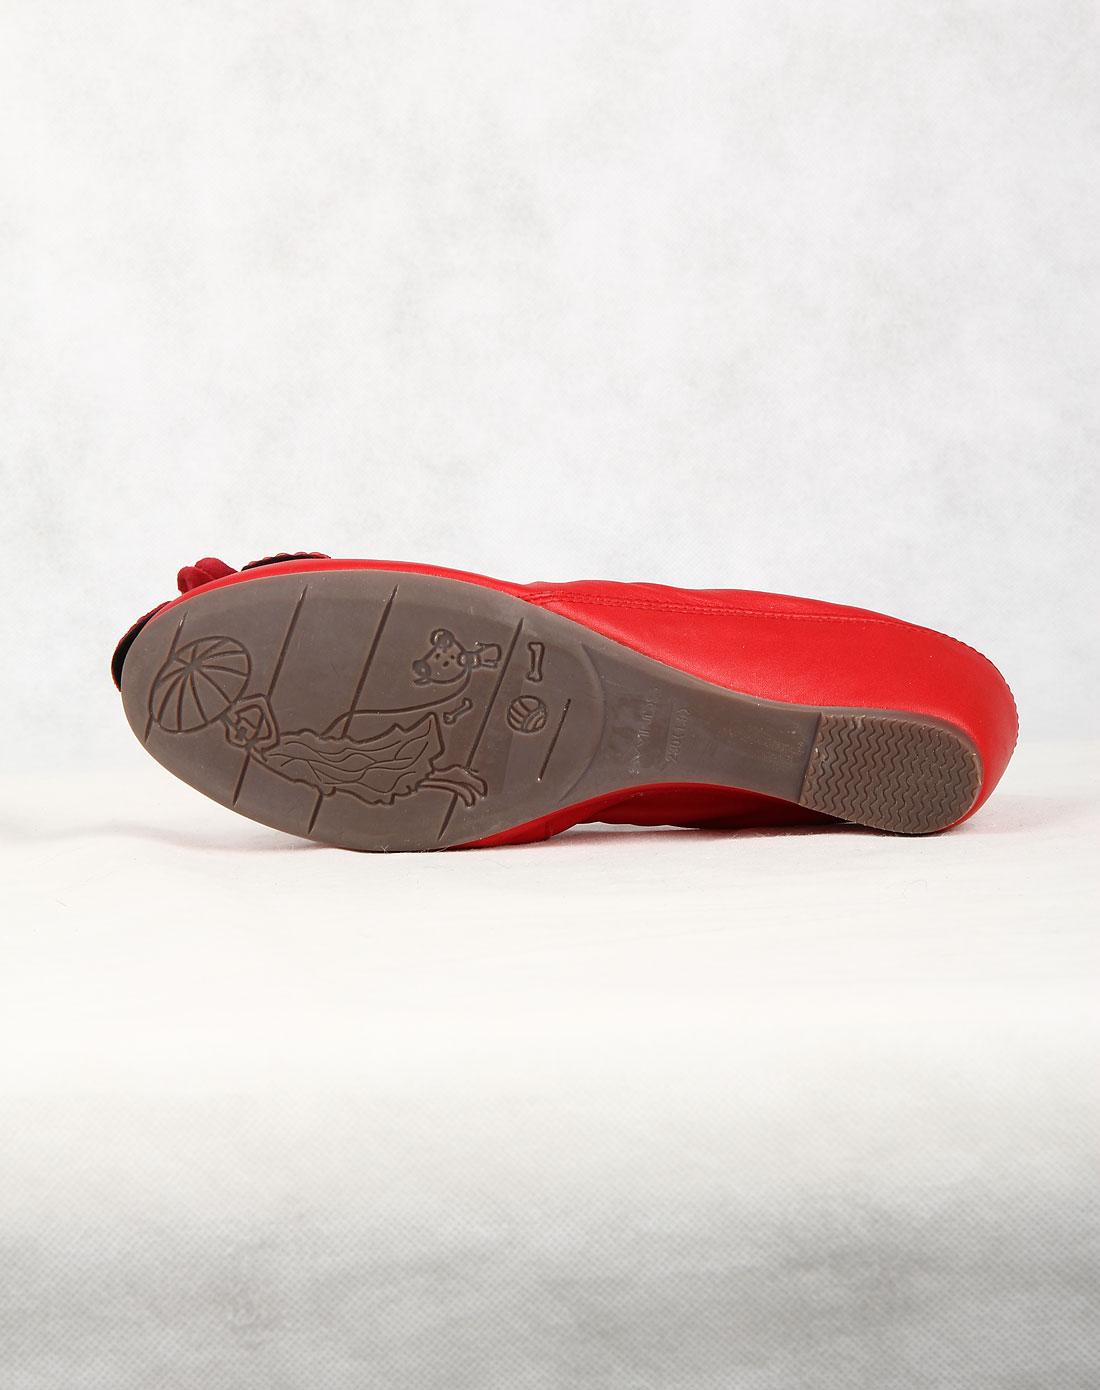 四季风女款红时尚休闲单鞋a1703-3r01